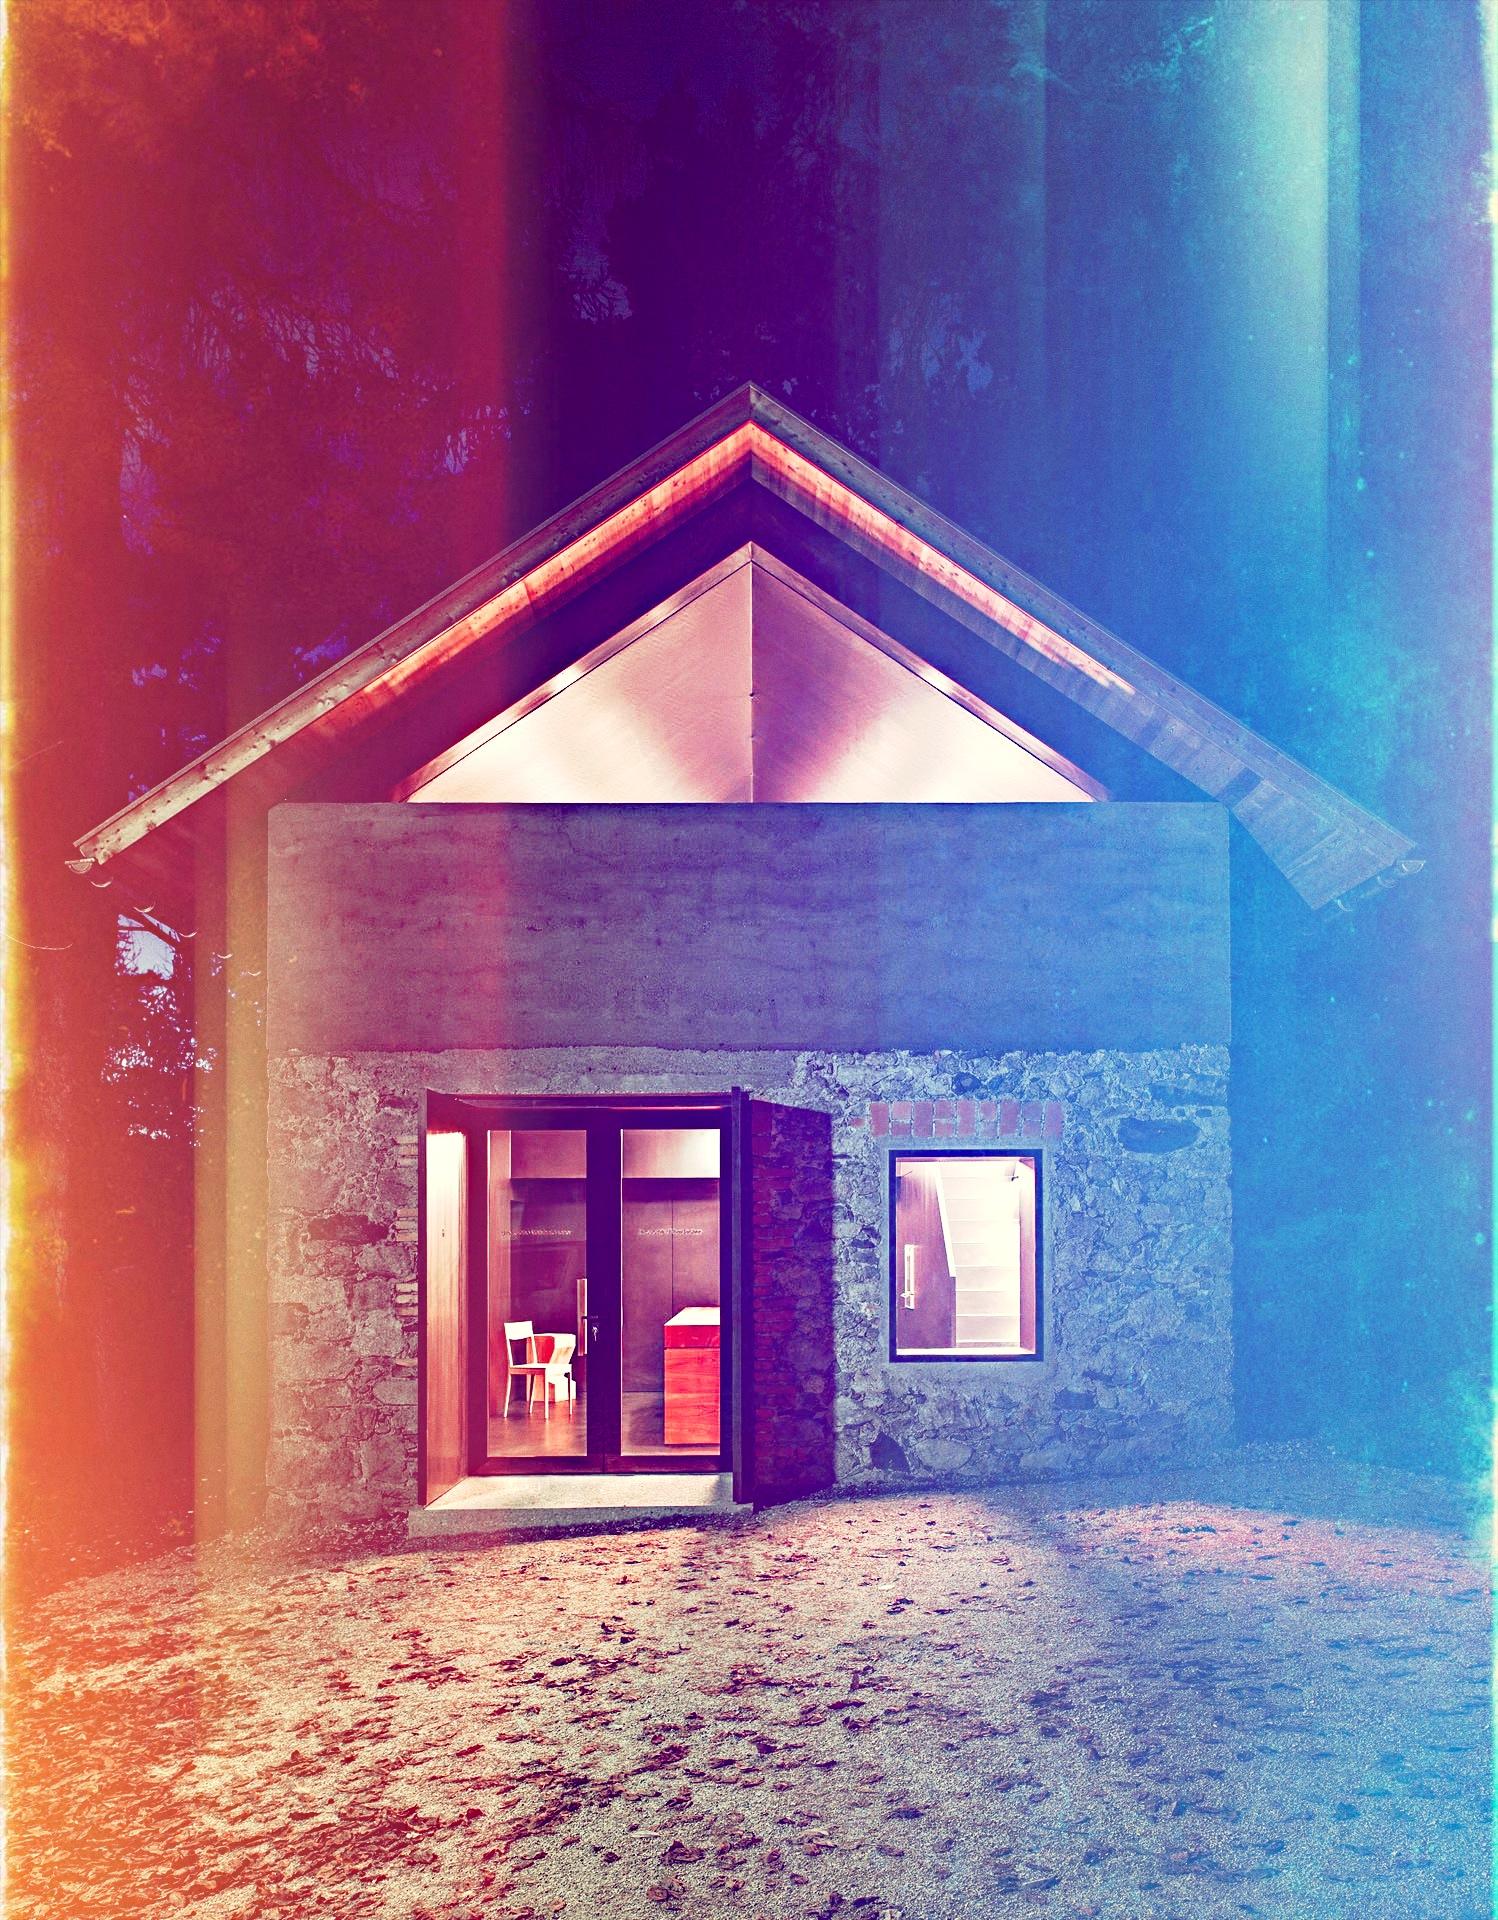 Atelier-Kitchen-Haidacher-Lukas-Mayr-Architekt-Atelierk-Bei-Nacht-Small-House-Humble-Homes